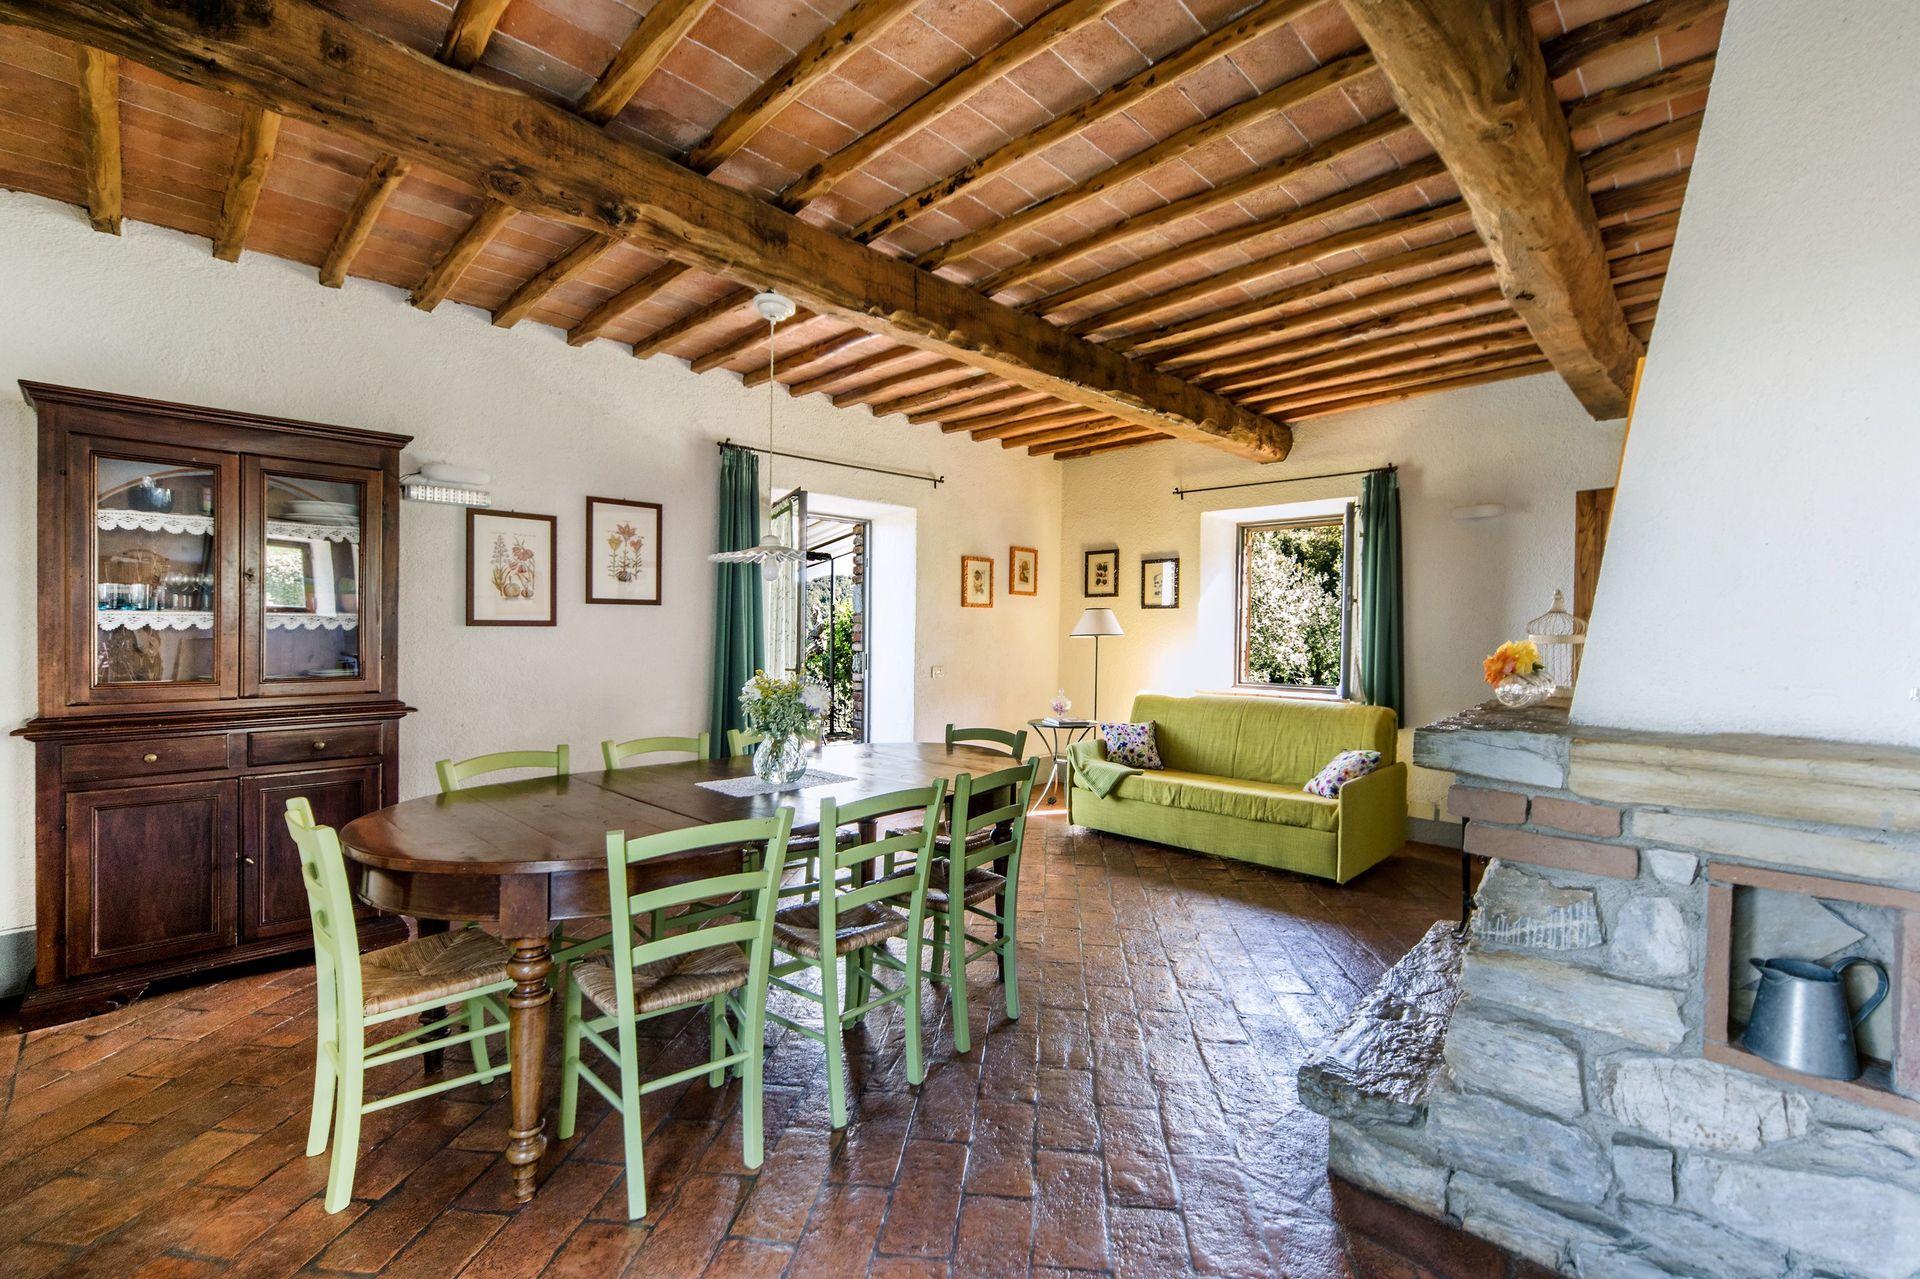 La capanna posti letto 6 in 2 camere casa vacanza a for Piani casa tetto a capanna